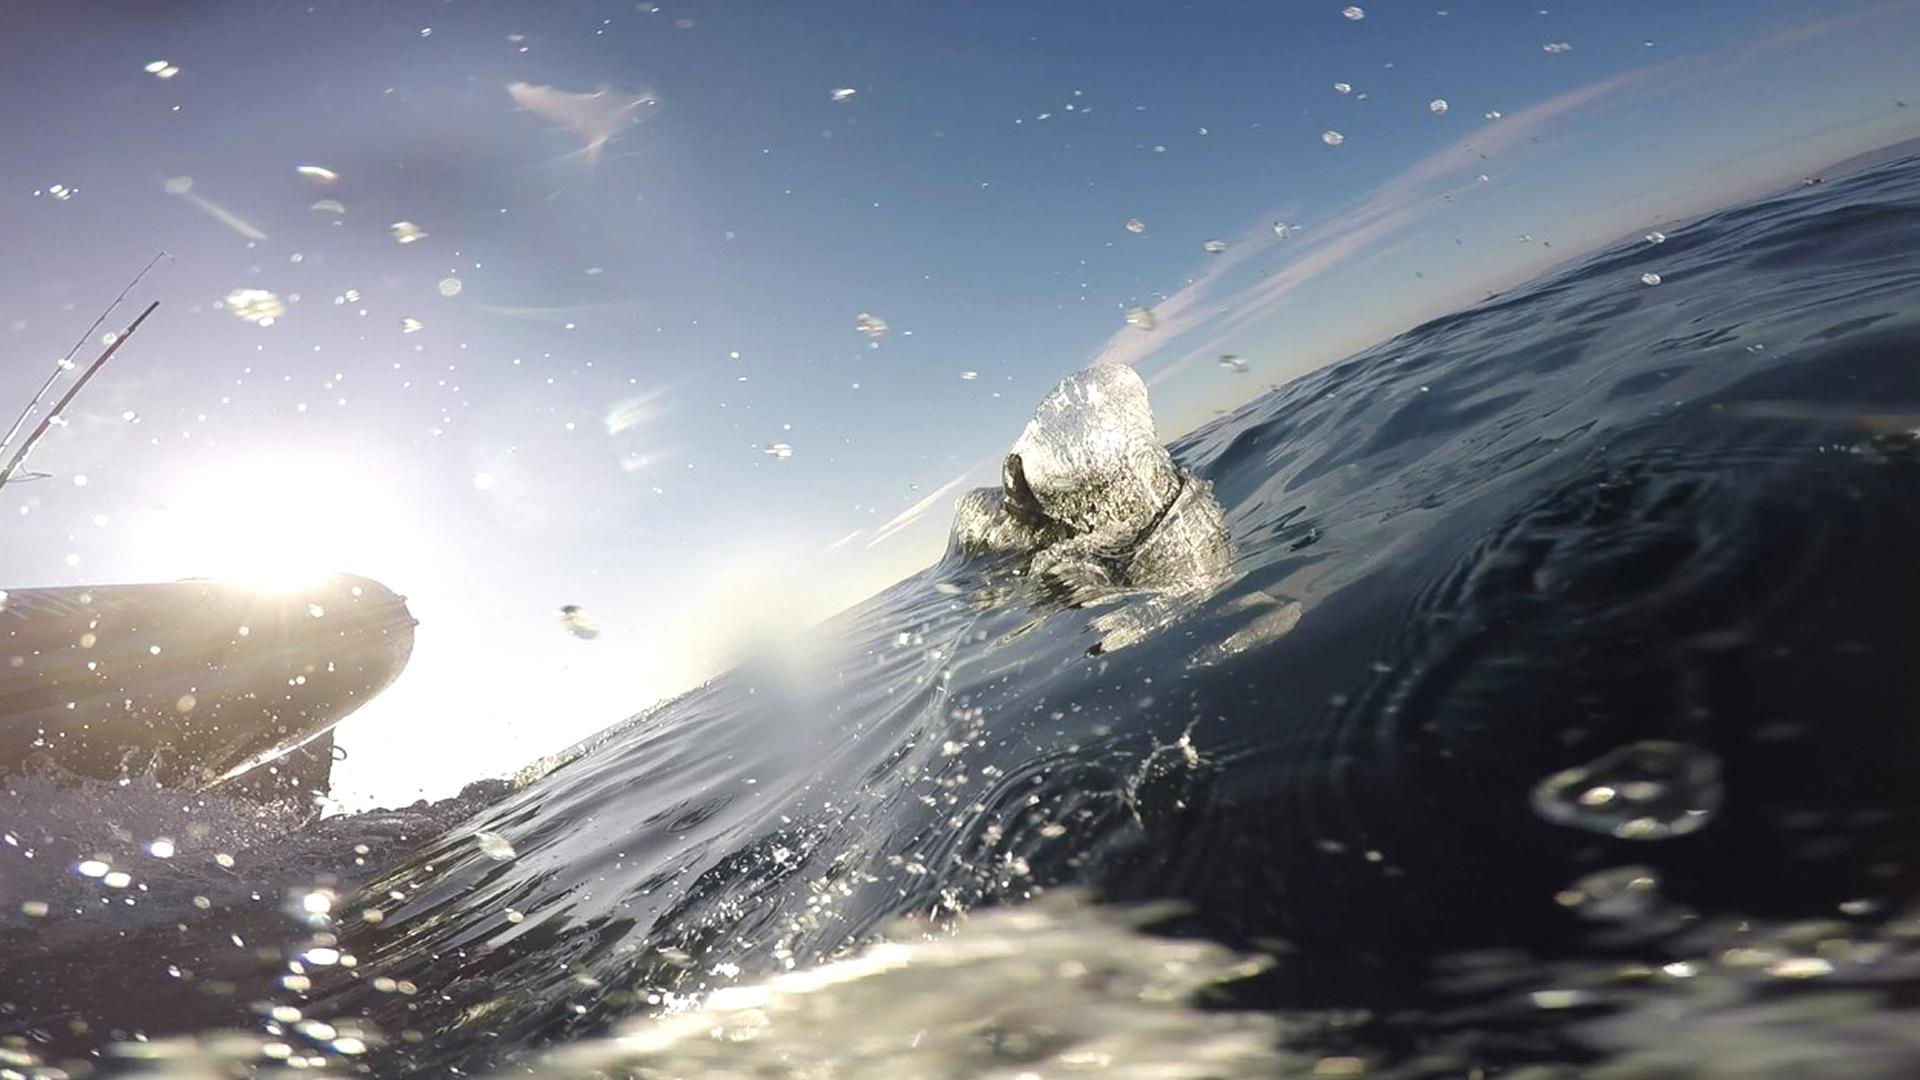 golfinho, dolphin, fishing travel, saídas de pesca, avistamento de golfinhos, catering, amizade,